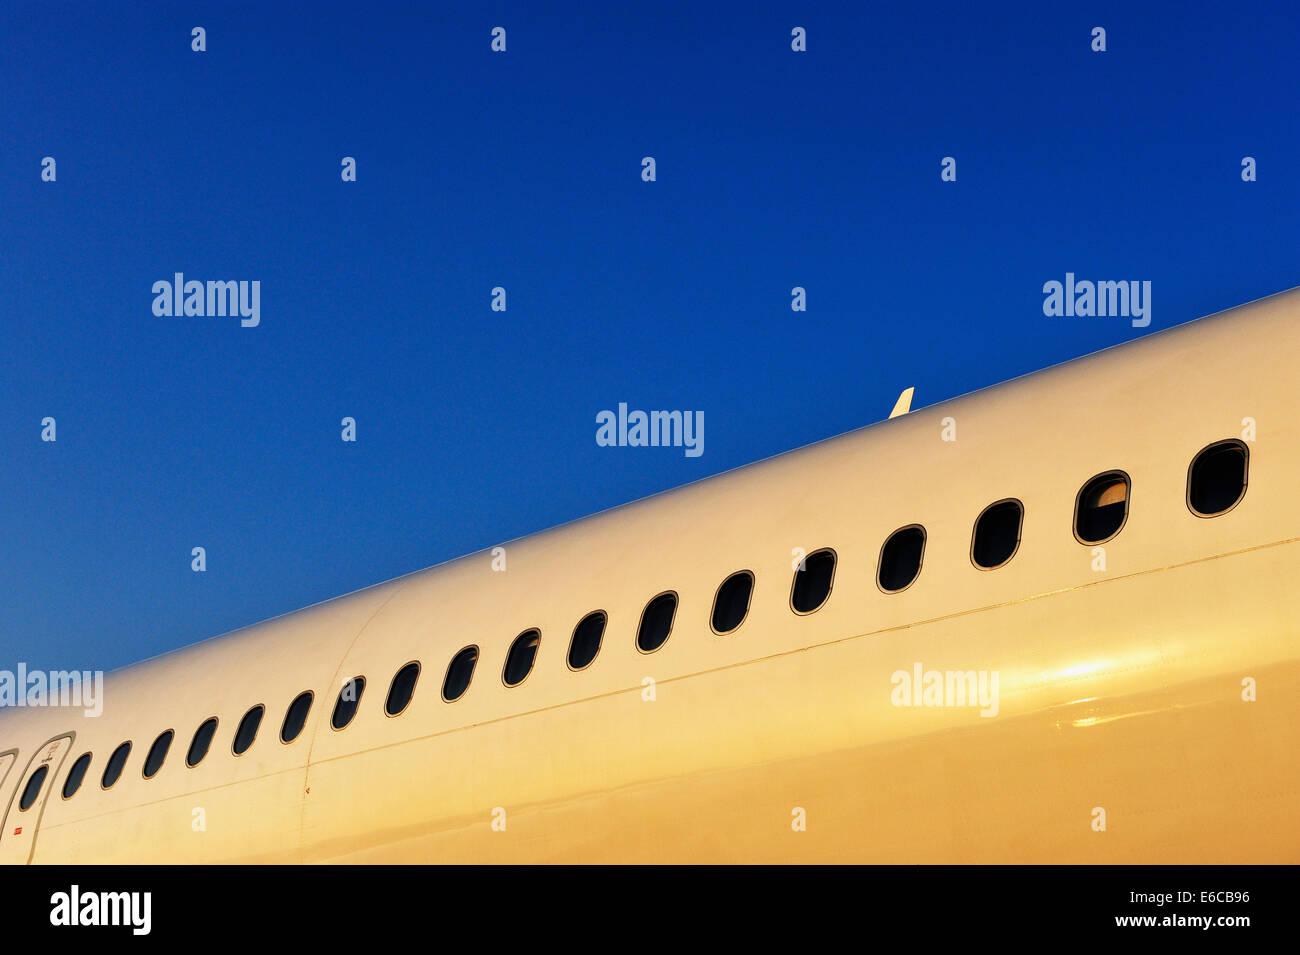 El fuselaje del avión con la hilera de ventanas de ojo de buey al amanecer. Imagen De Stock